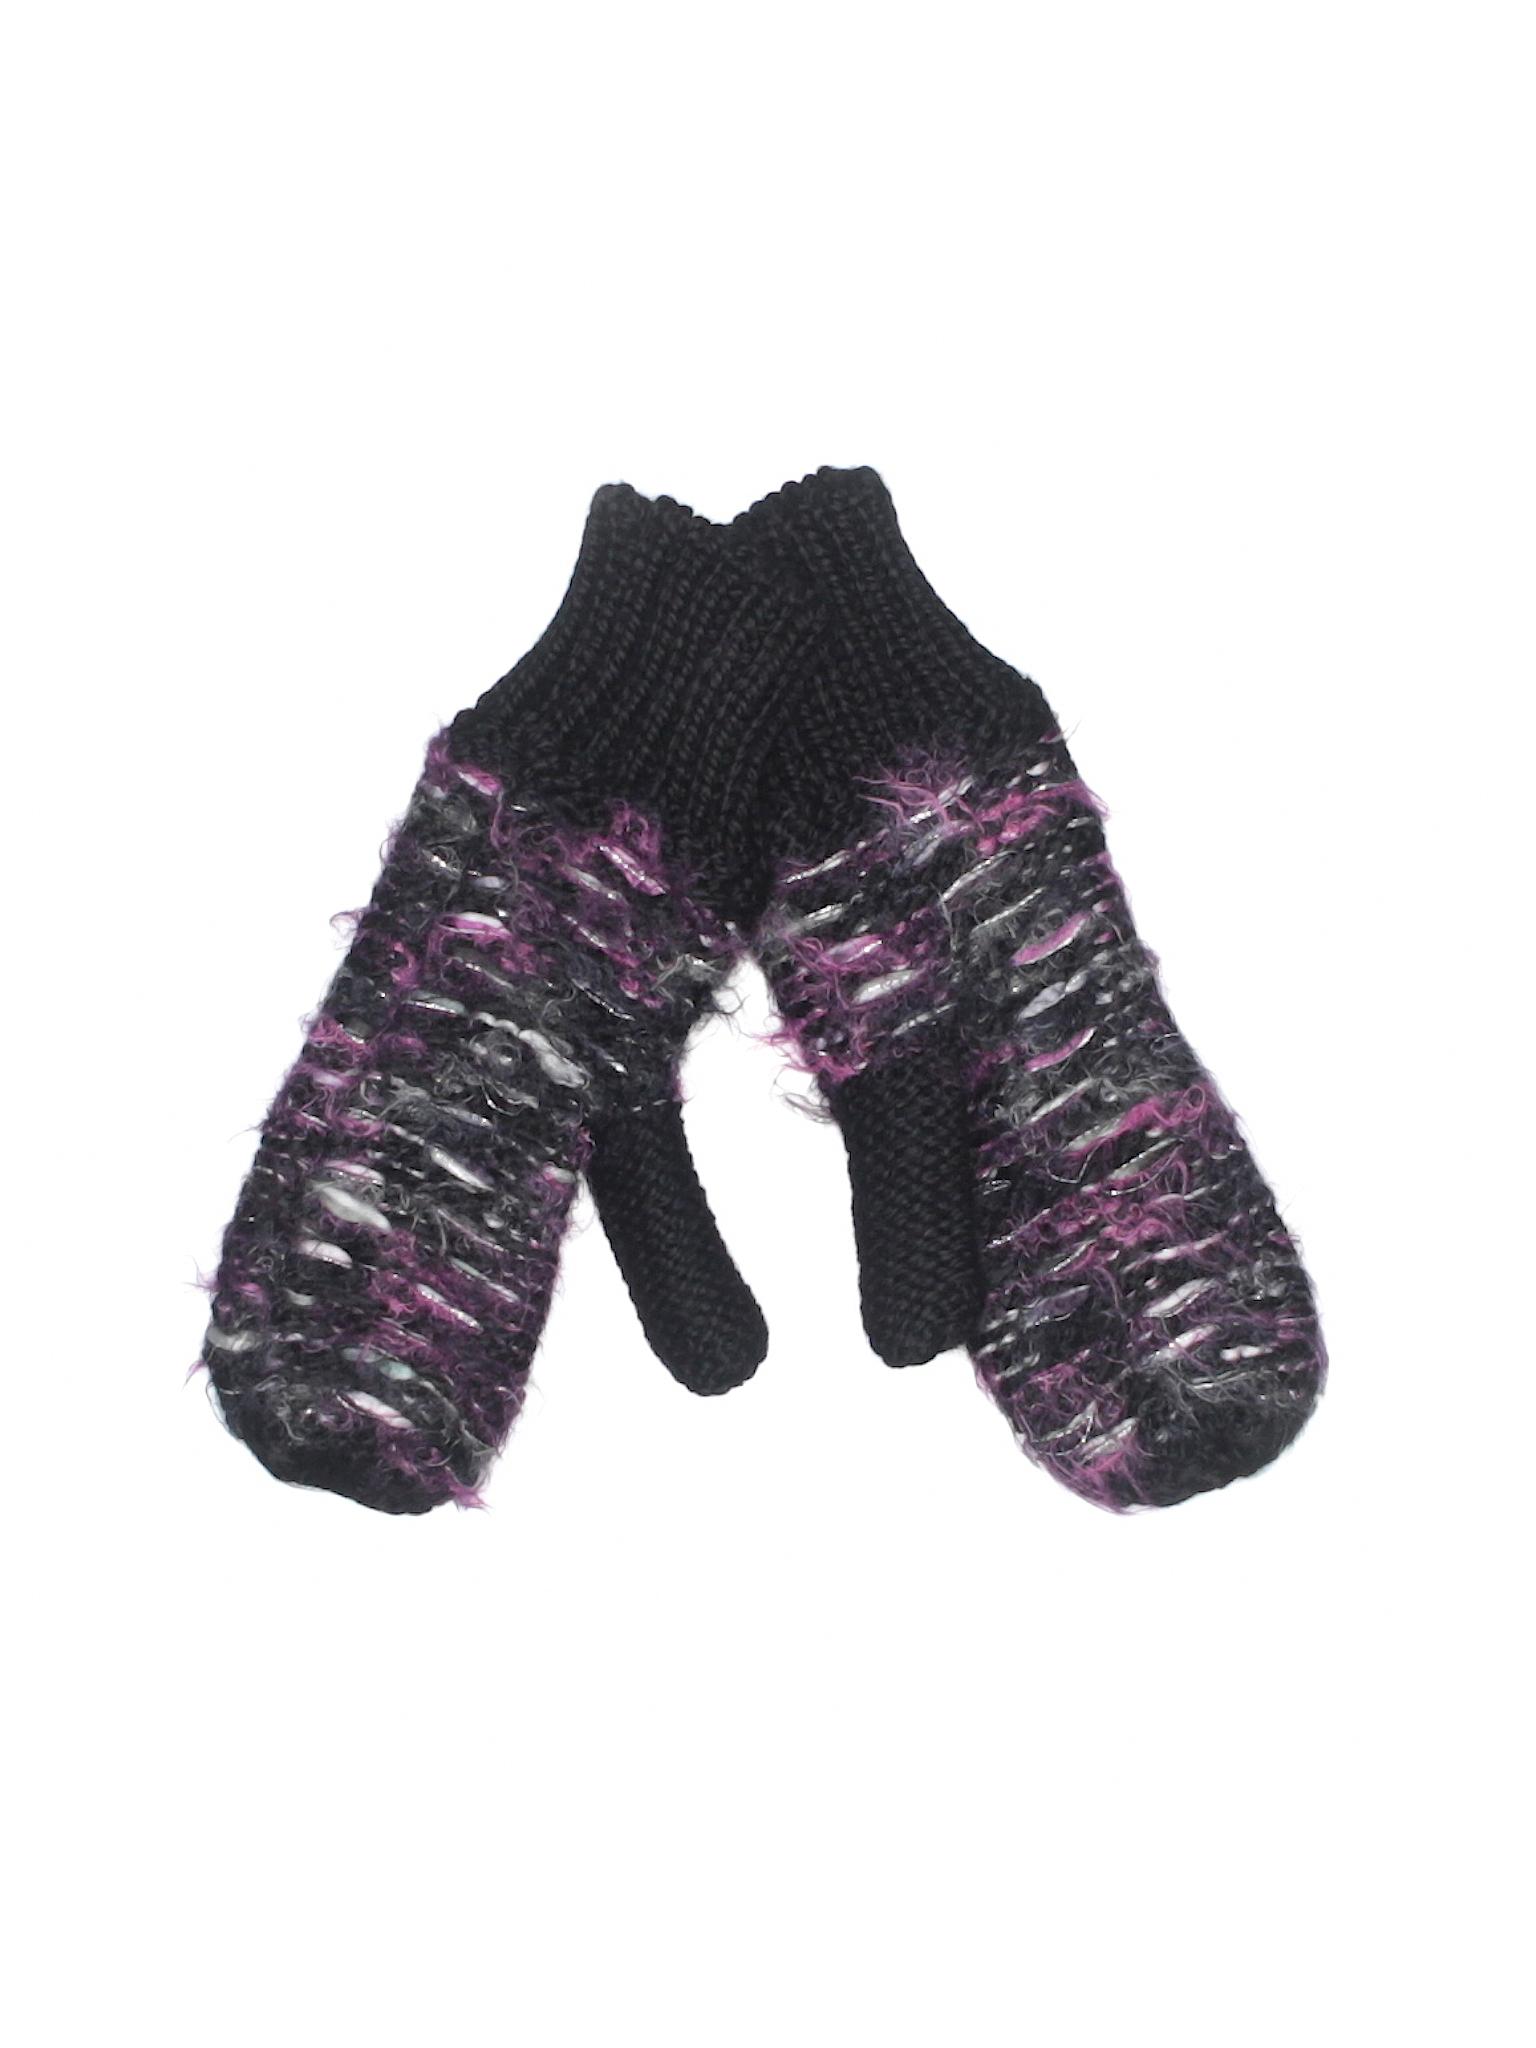 701fe2d9b397d Mudd Print Black Mittens One Size - 58% off